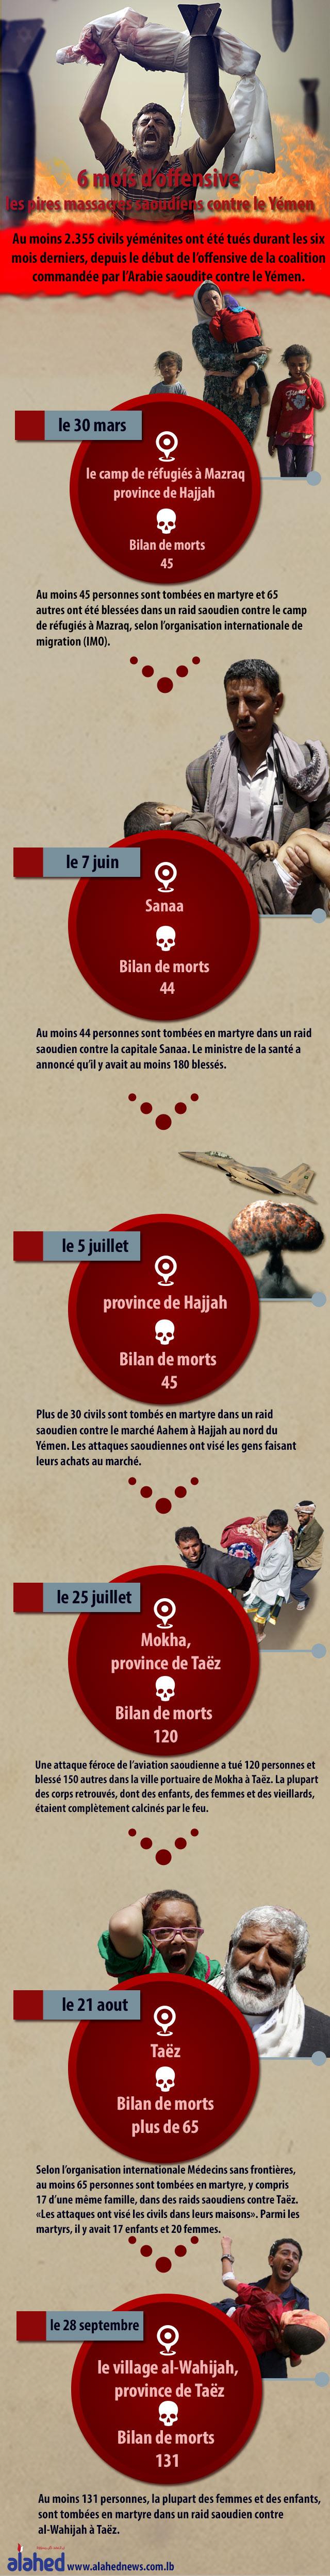 6 mois d'offensive: les pires massacres saoudiens contre le Yémen (infographie).